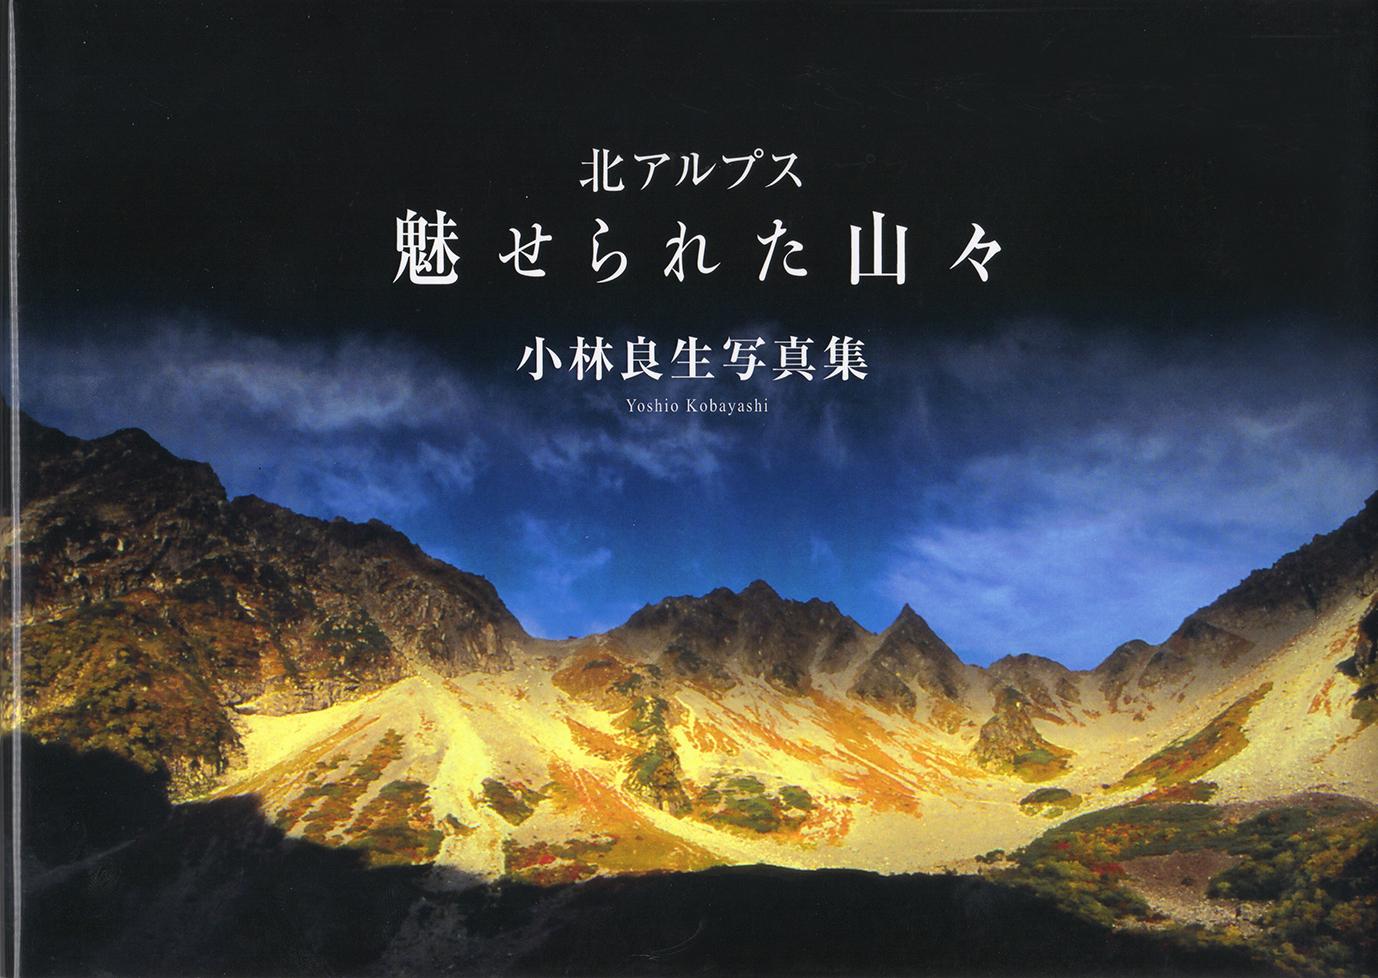 北アルプス魅せられた山々 小林良生写真集